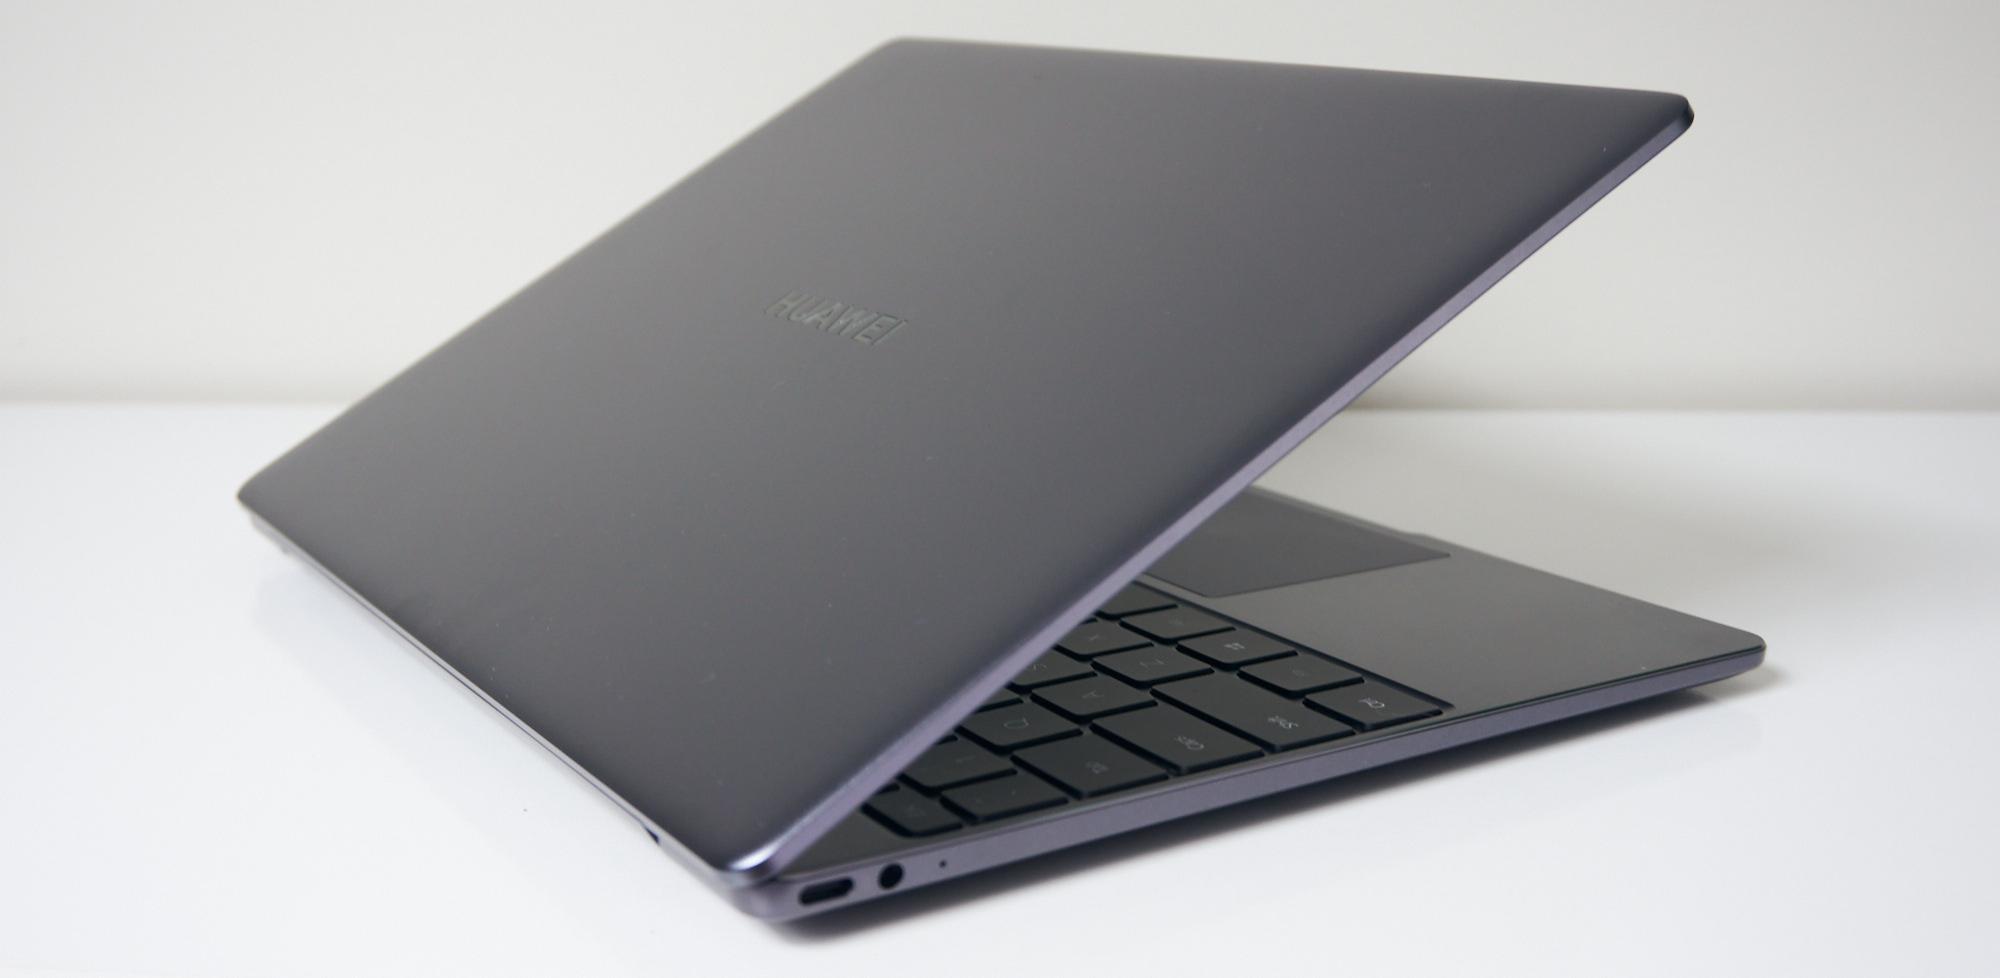 Huawei wprowadza do Polski laptop MateBook 13 z procesorem AMD Ryzen 15